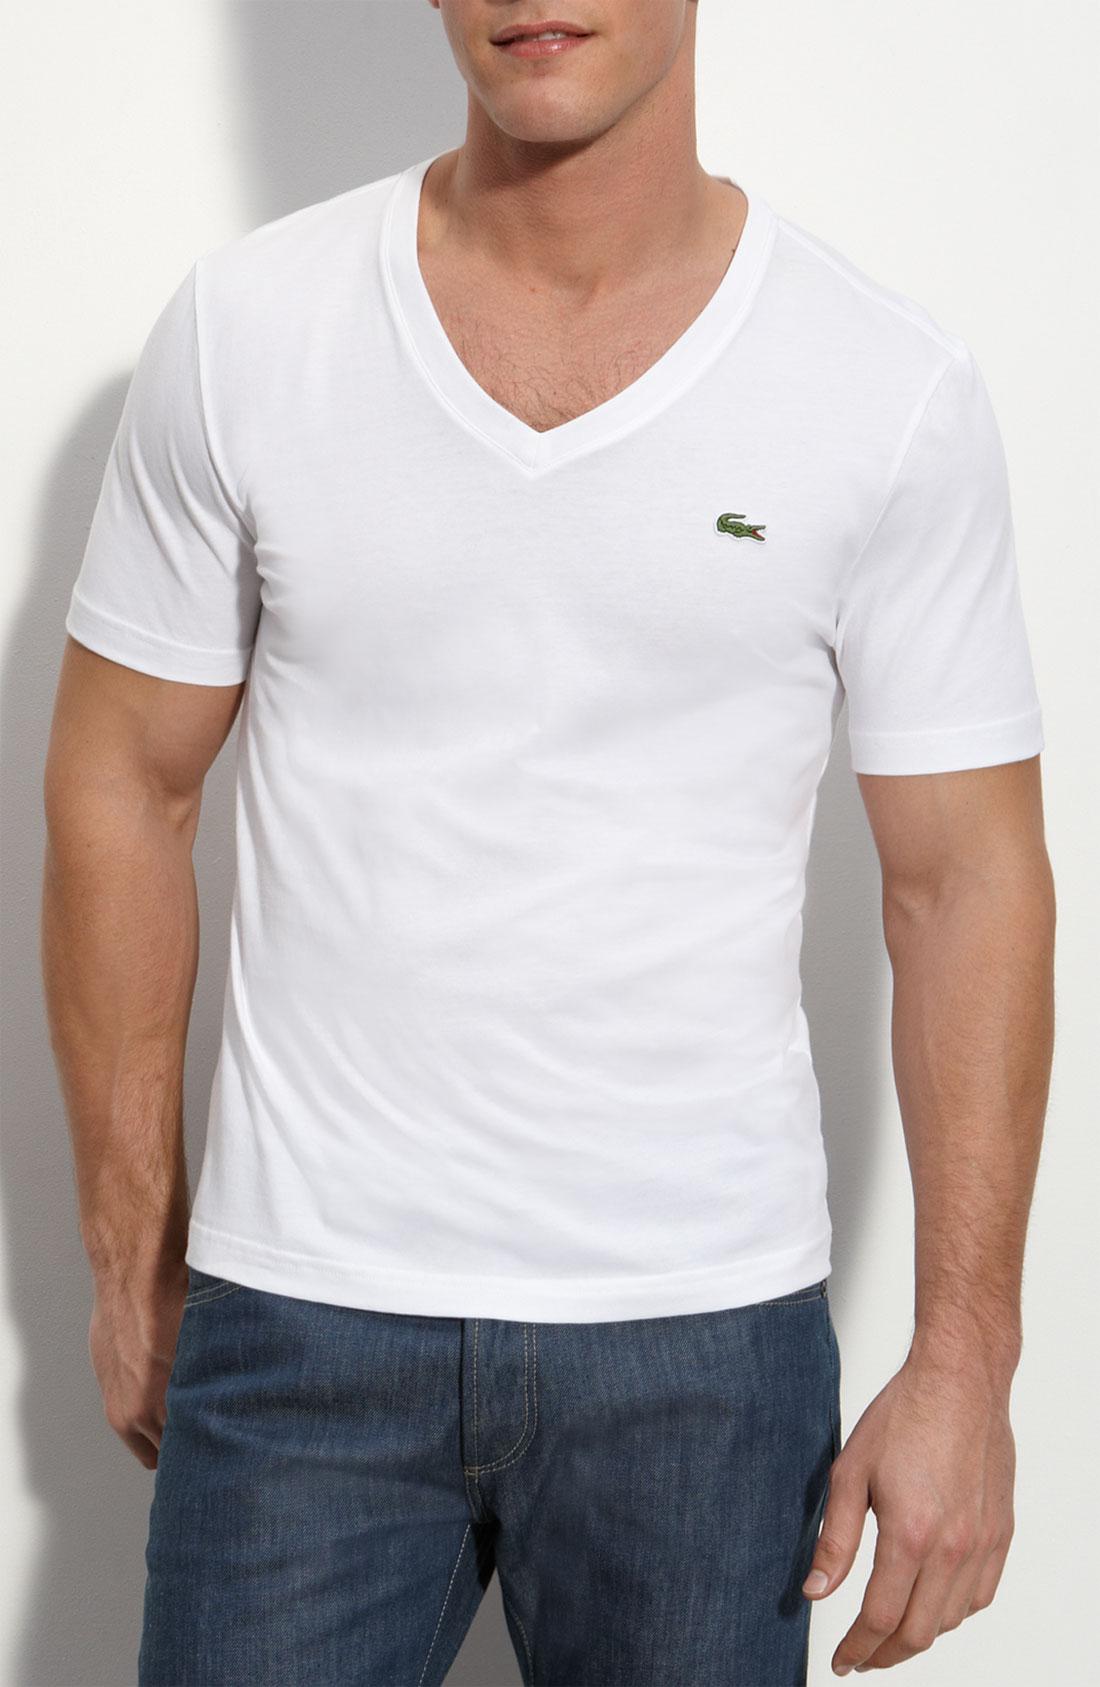 lacoste trim fit jersey v neck t shirt in white for men lyst. Black Bedroom Furniture Sets. Home Design Ideas